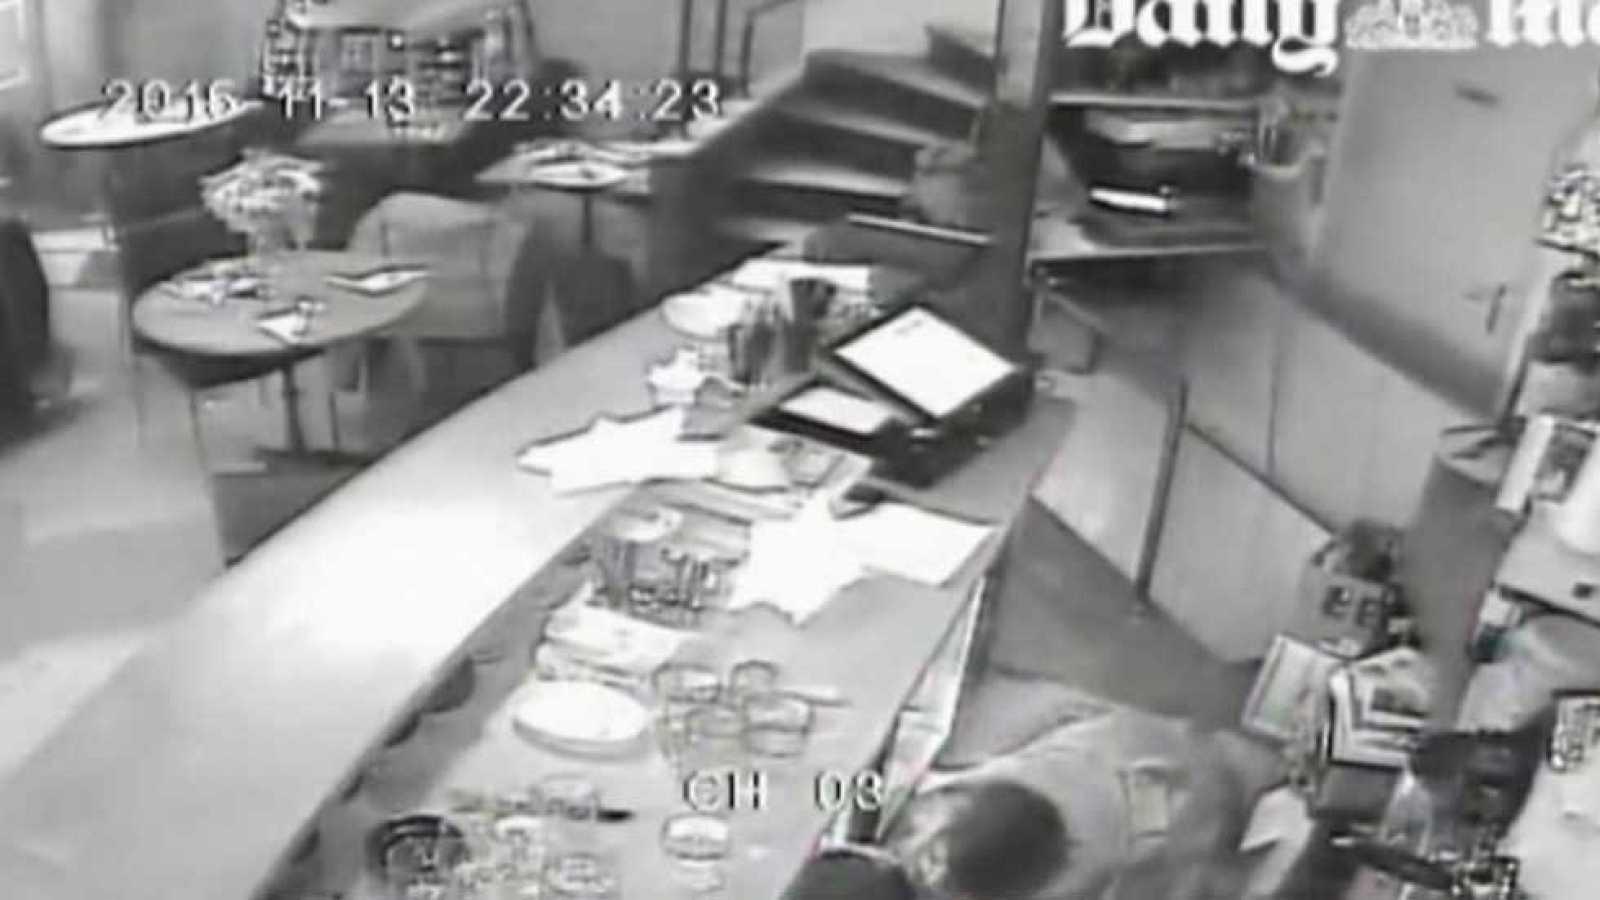 La prensa británica filtra imágenes de las cámaras de seguridad de uno de los establecimientos parisinos durante los ataques